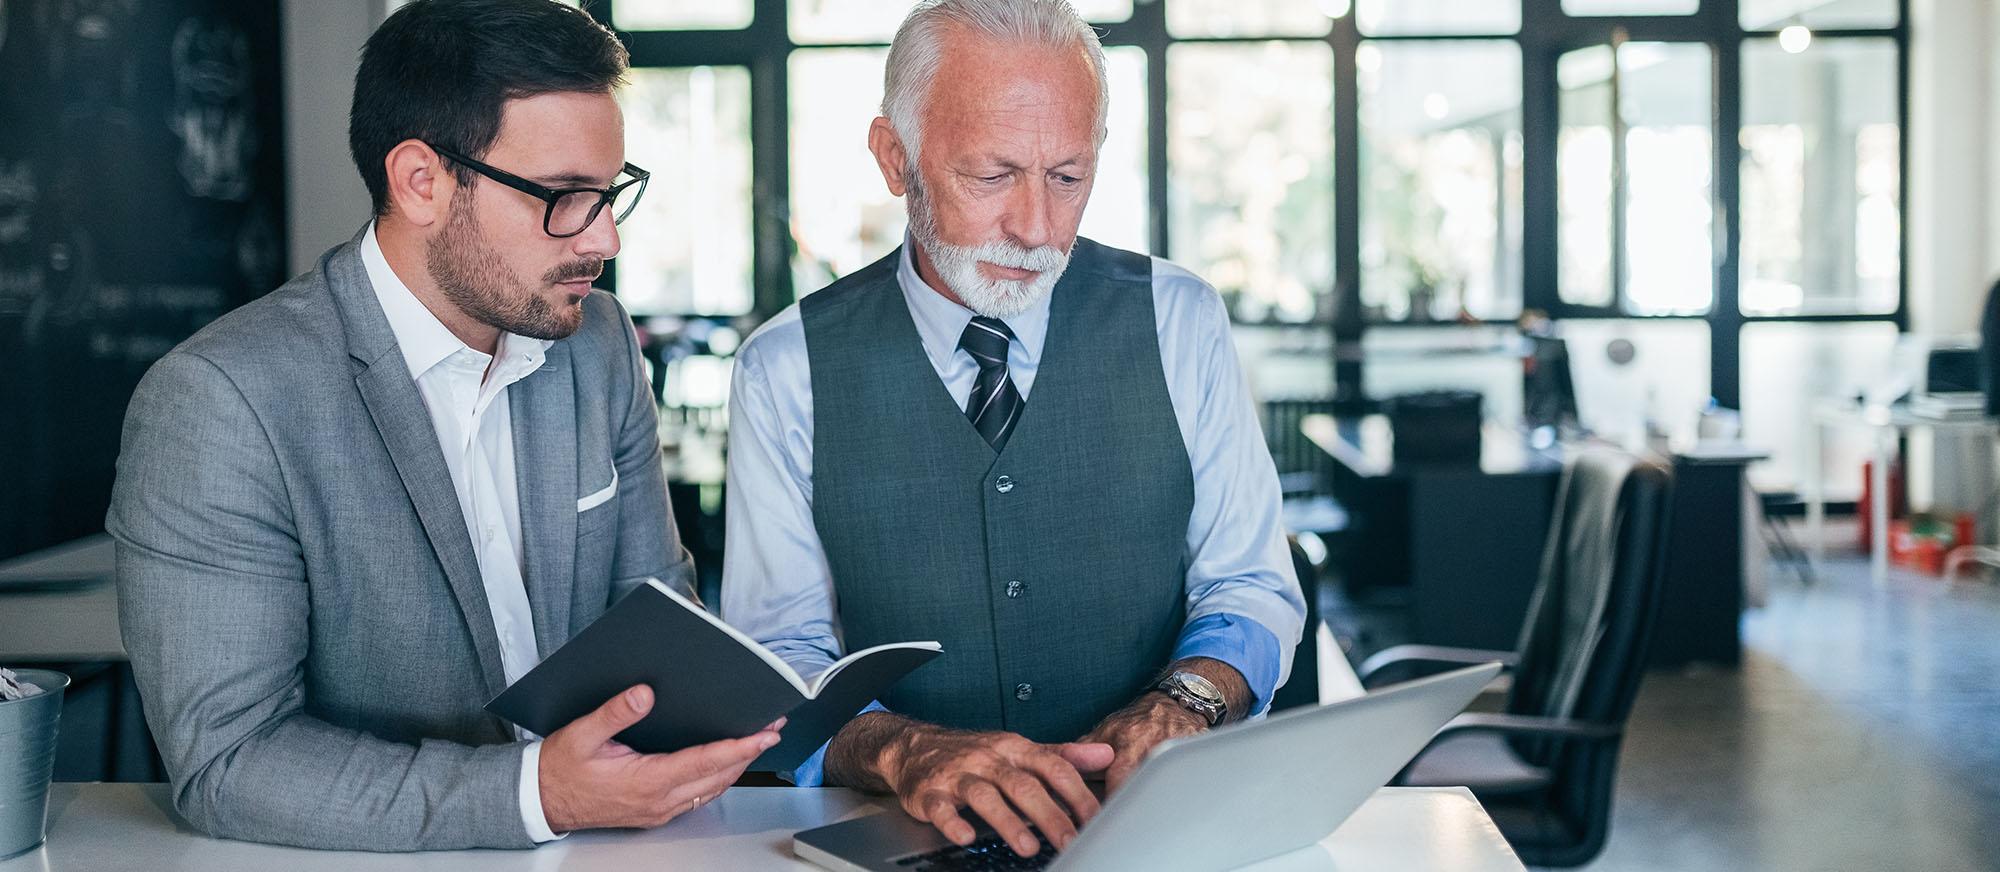 A mentor teaching their mentee at a desk